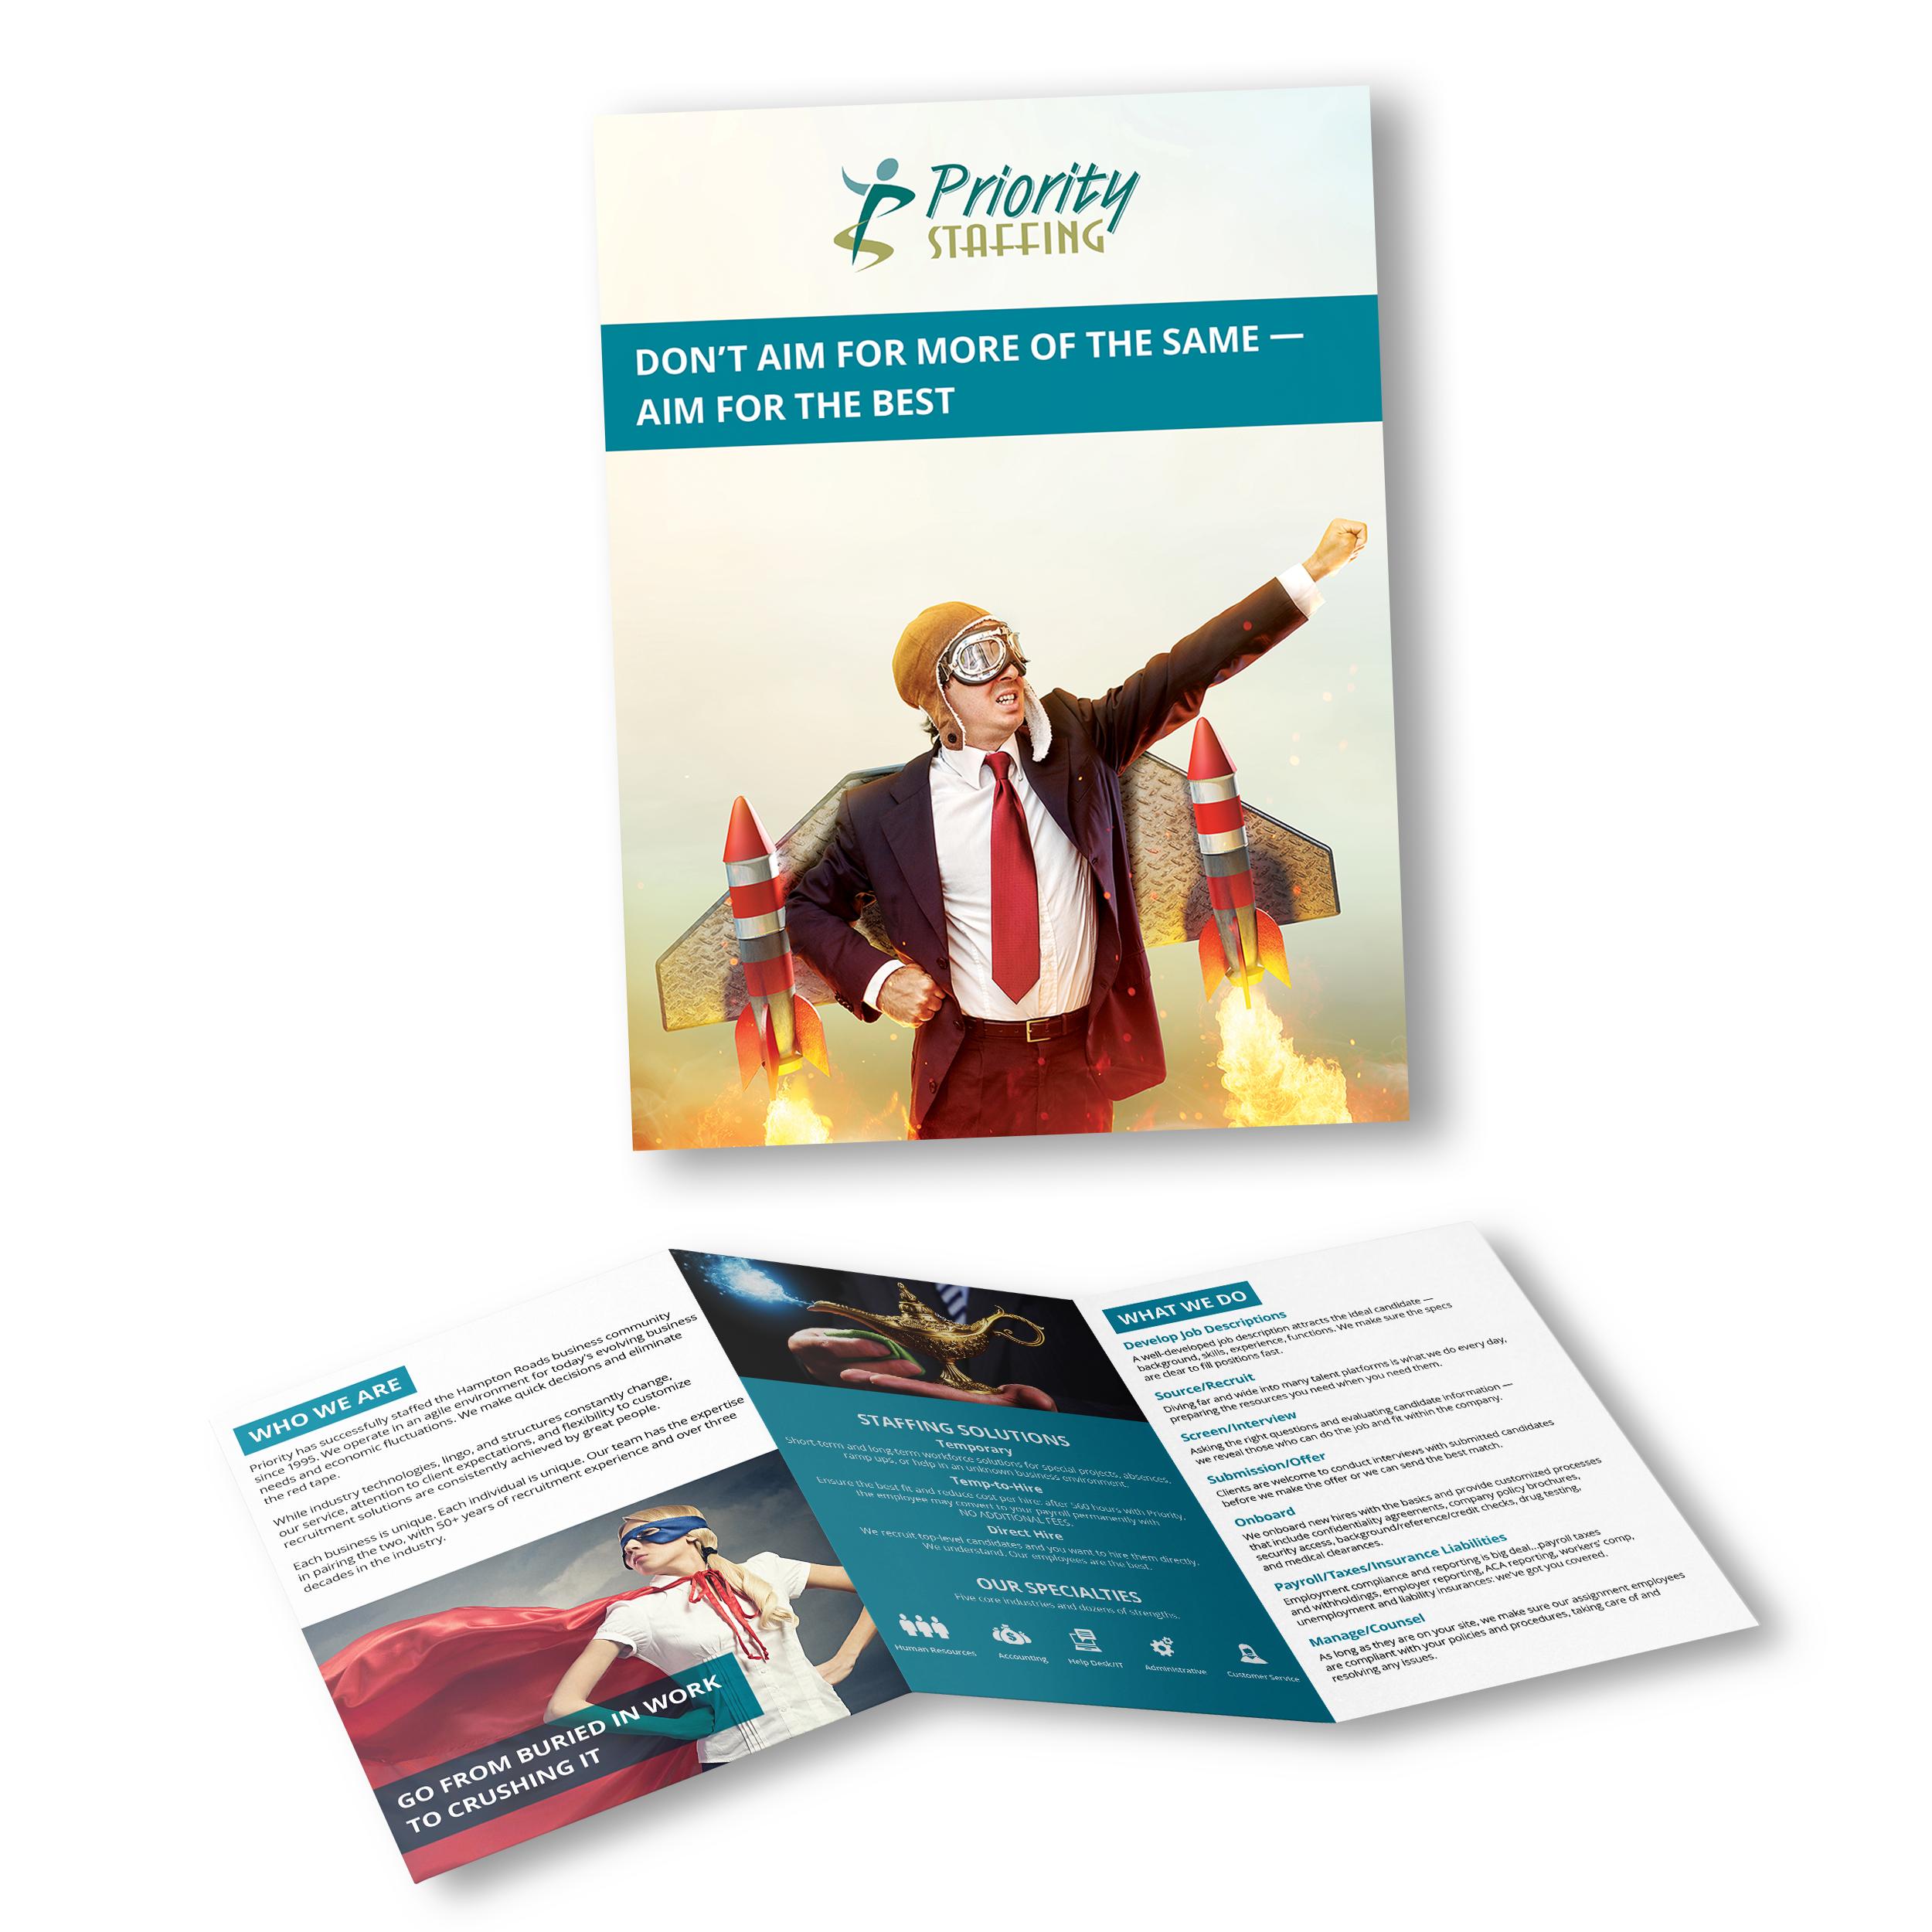 Priority_Staffing_Mockup_Brochure-2